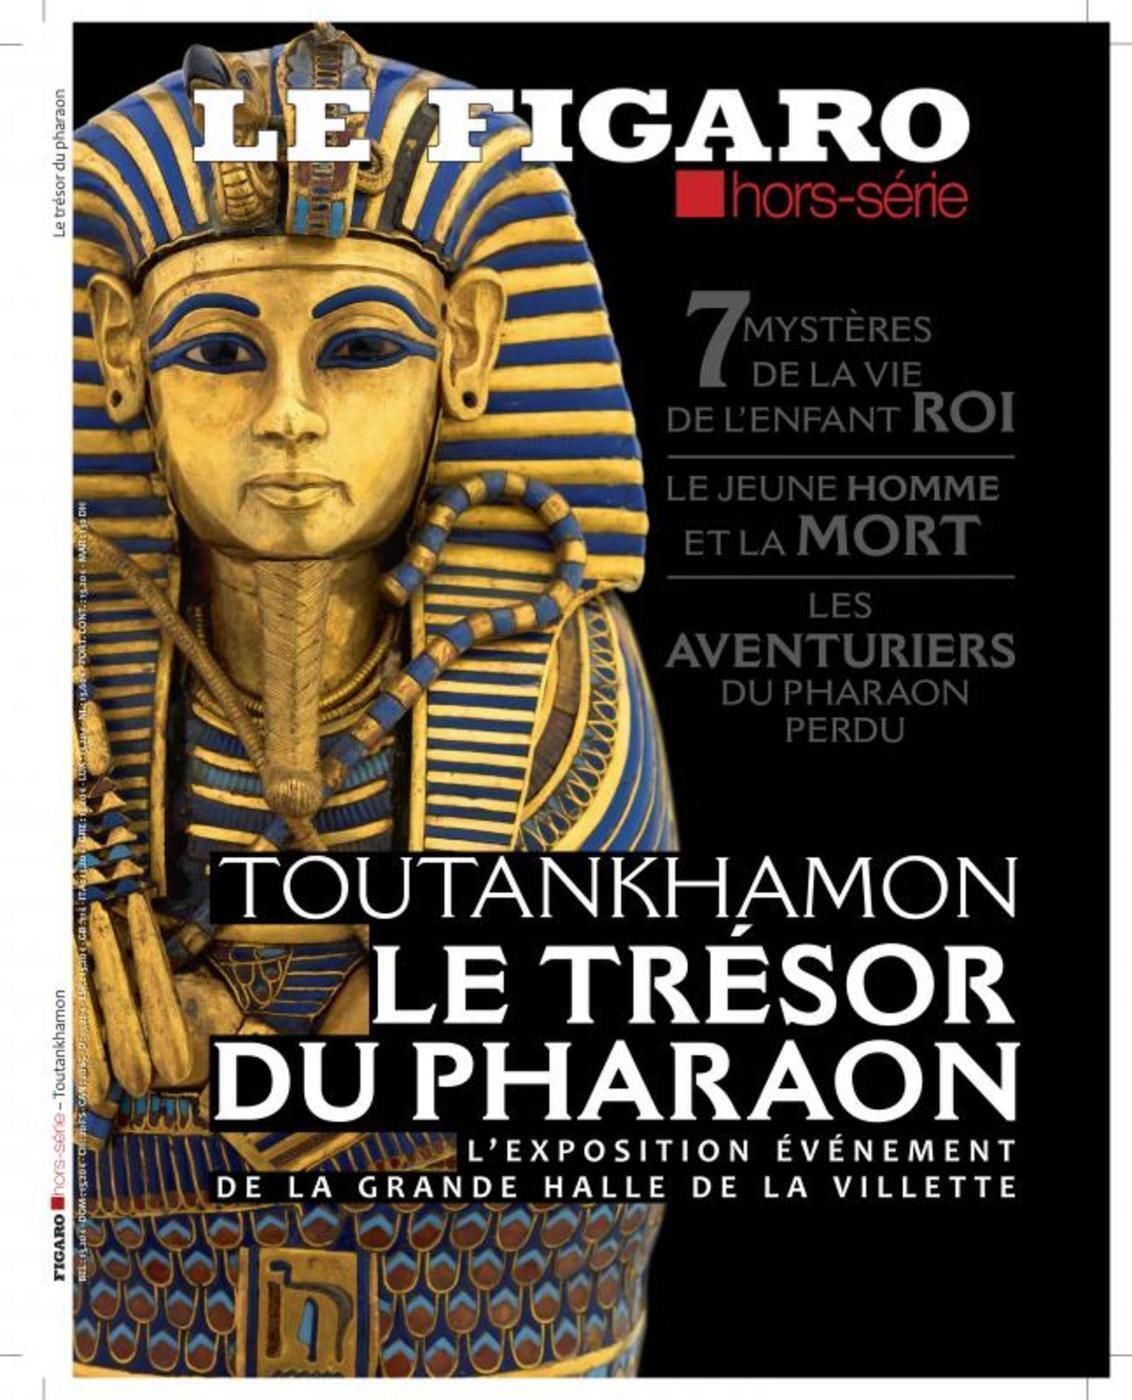 TOUTANKHAMON - LE TRESOR DU PHARAON - 7 MYSTERES DE LA VIE DE L'ENFANT ROI. LE JEUNE HOMME ET LA MOR